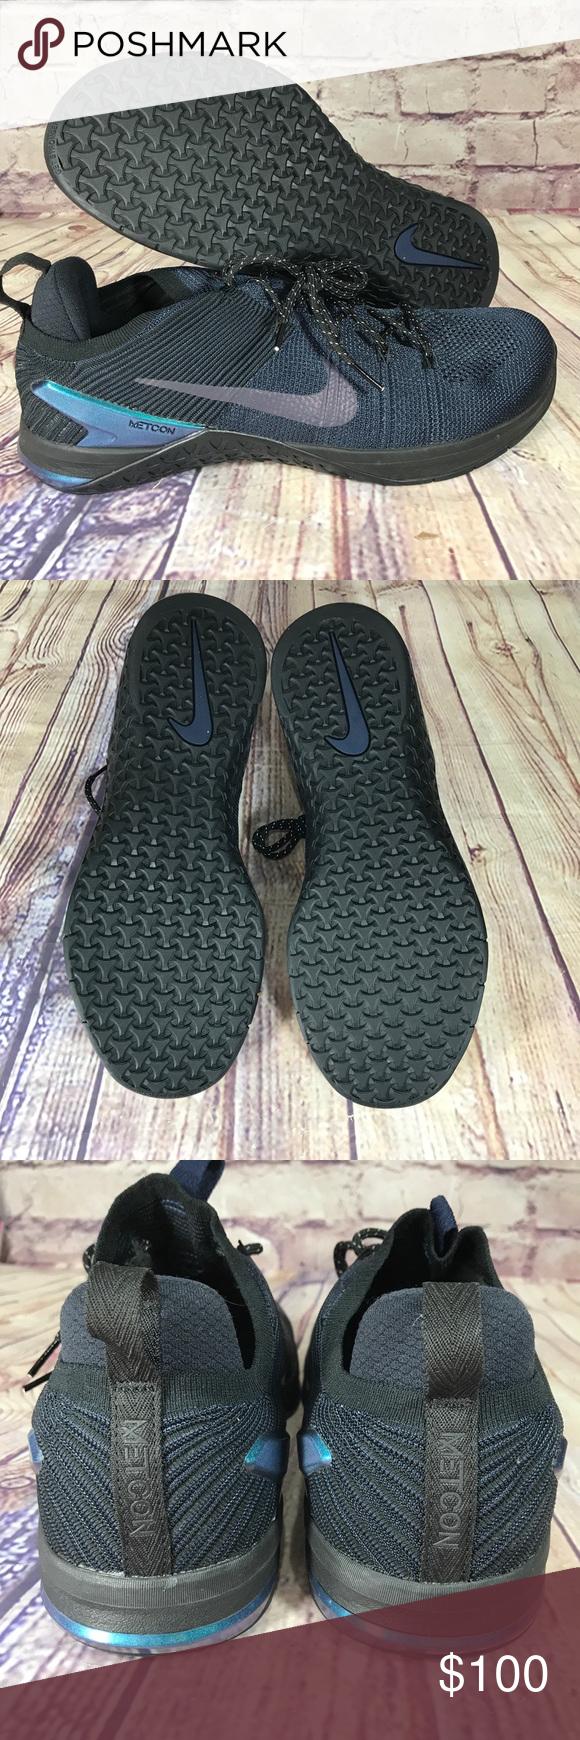 Men/'s Nike Metcon DSX Flyknit 2 AMP Cross Training Shoes AV3839-400 Navy